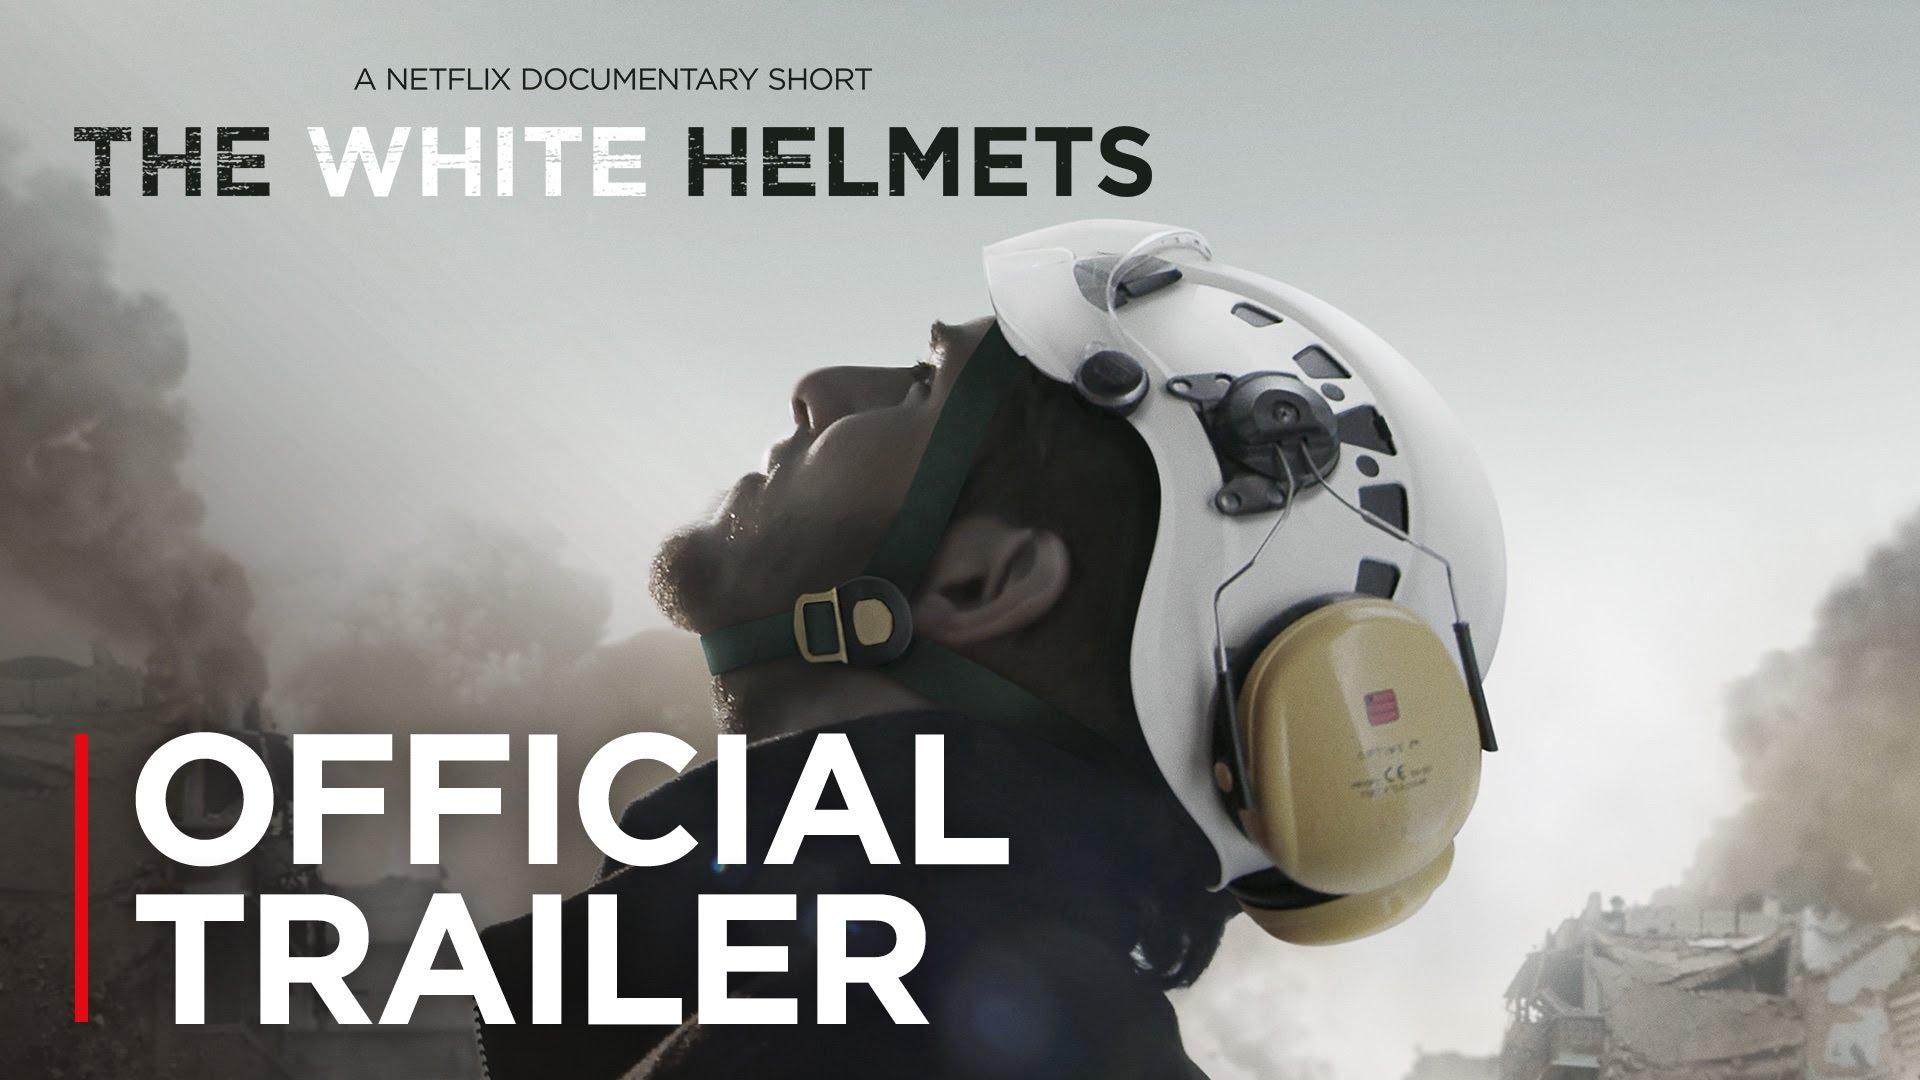 此前以该组织为题材创作的纪录片《白头盔》获得了2017年奥斯卡最佳纪录短篇奖